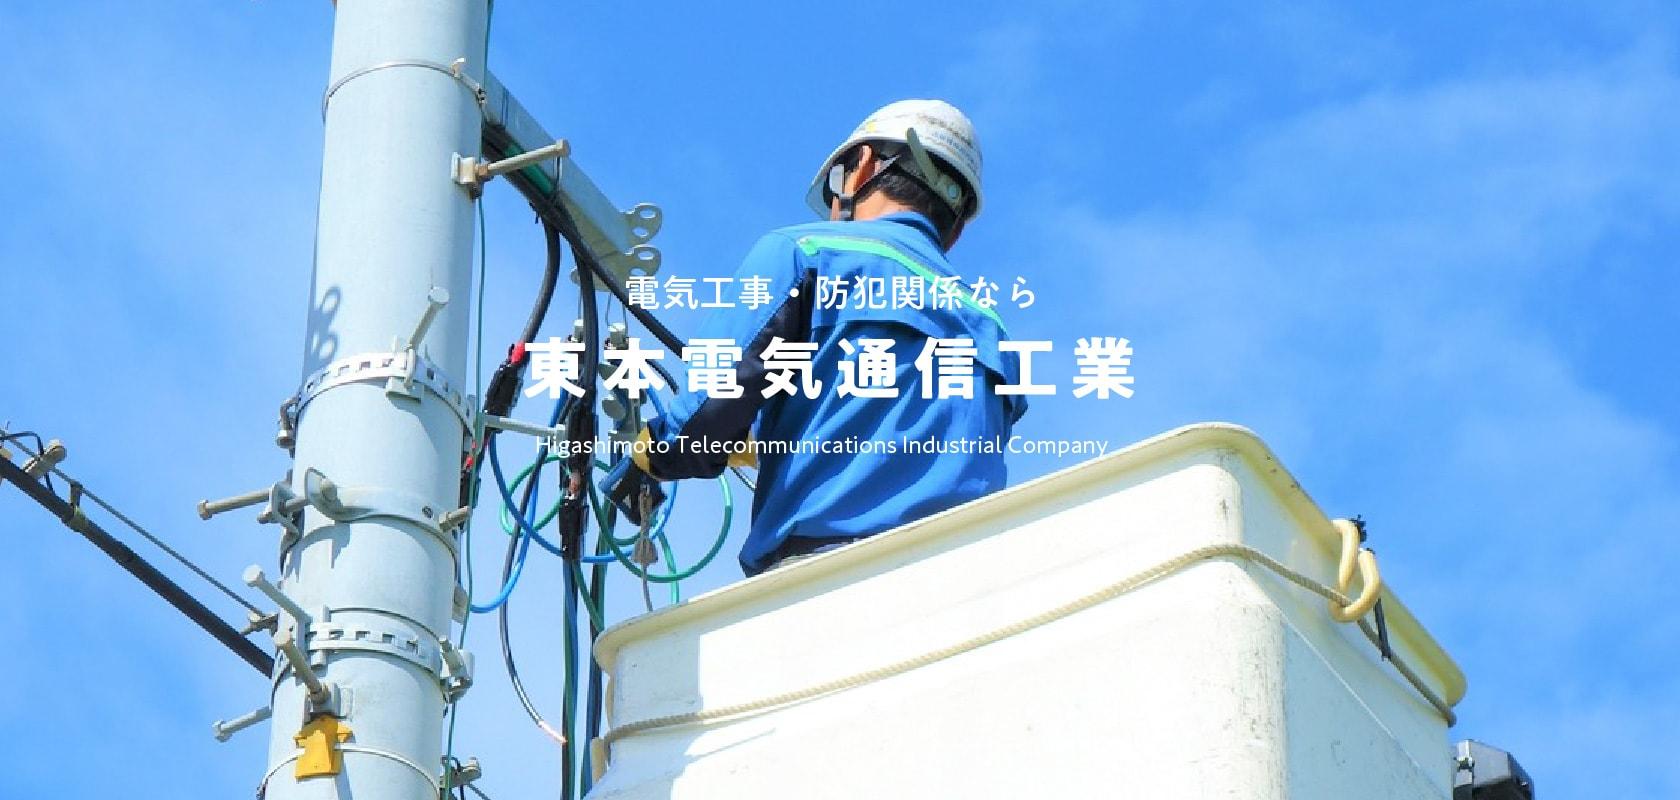 電気工事・防犯関係なら 東本電気通信工業